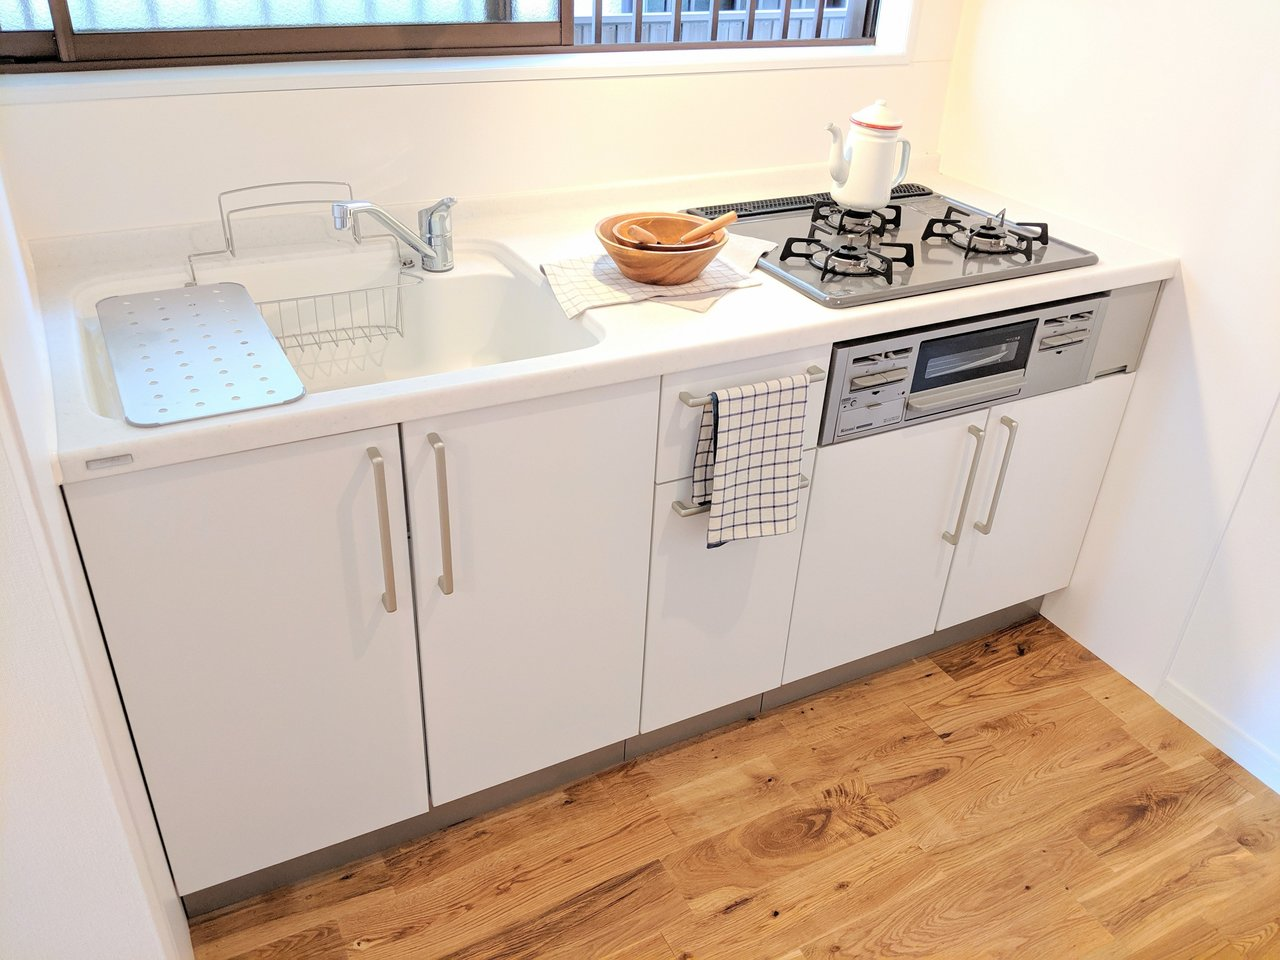 キッチン周りもおしゃれな白で統一してリノベーション!ママもきっと料理がはかどるはず。